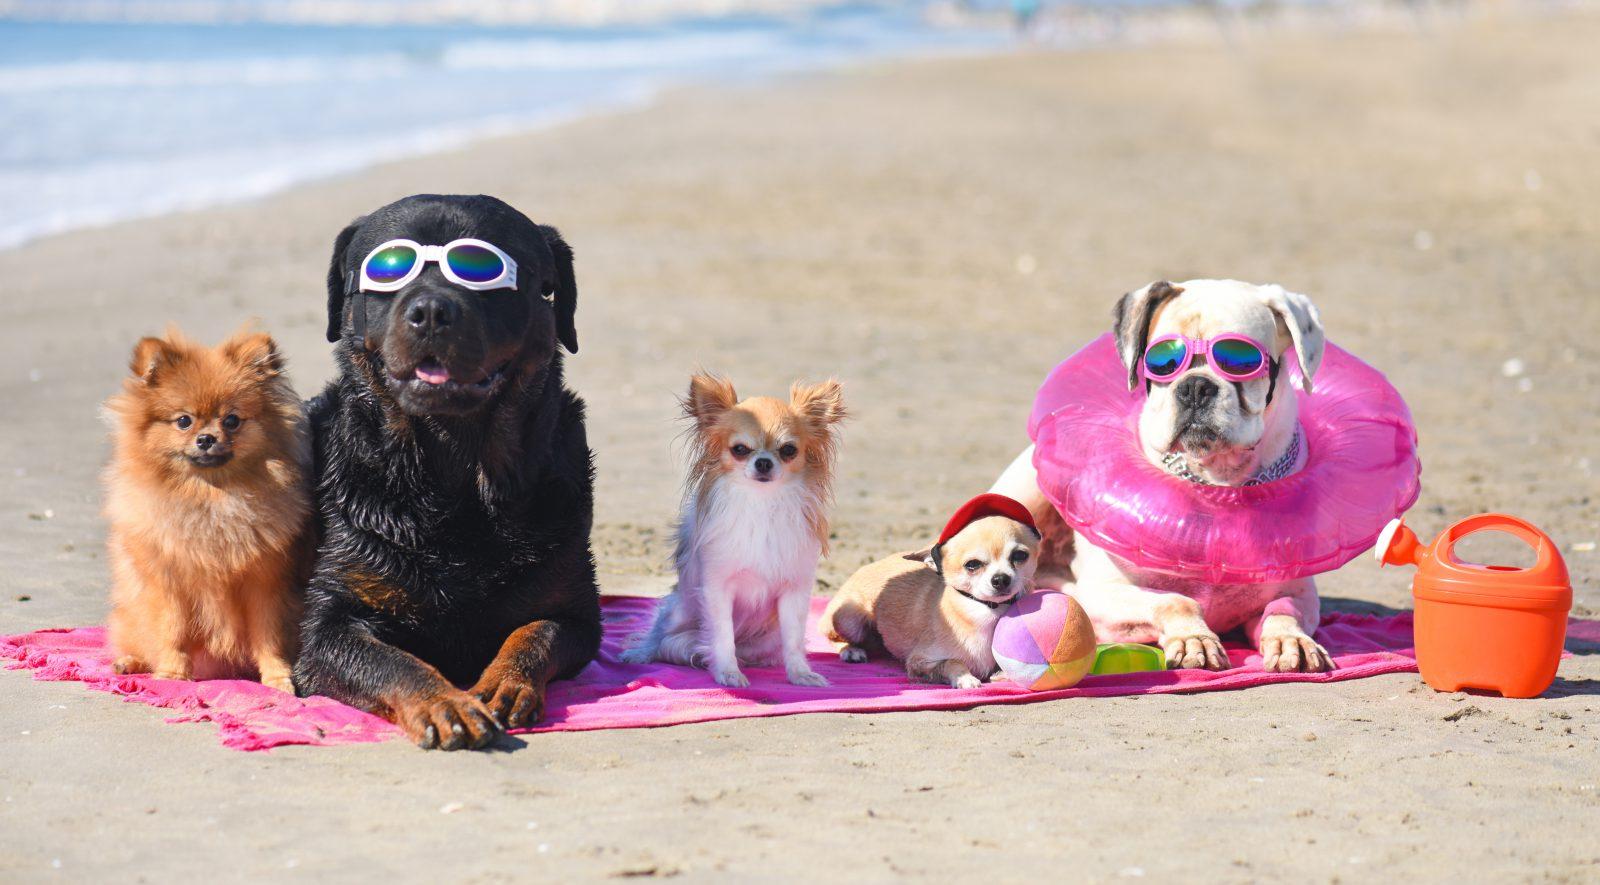 Nomes de cachorro: grupo de cachorros de diferentes raças na praia